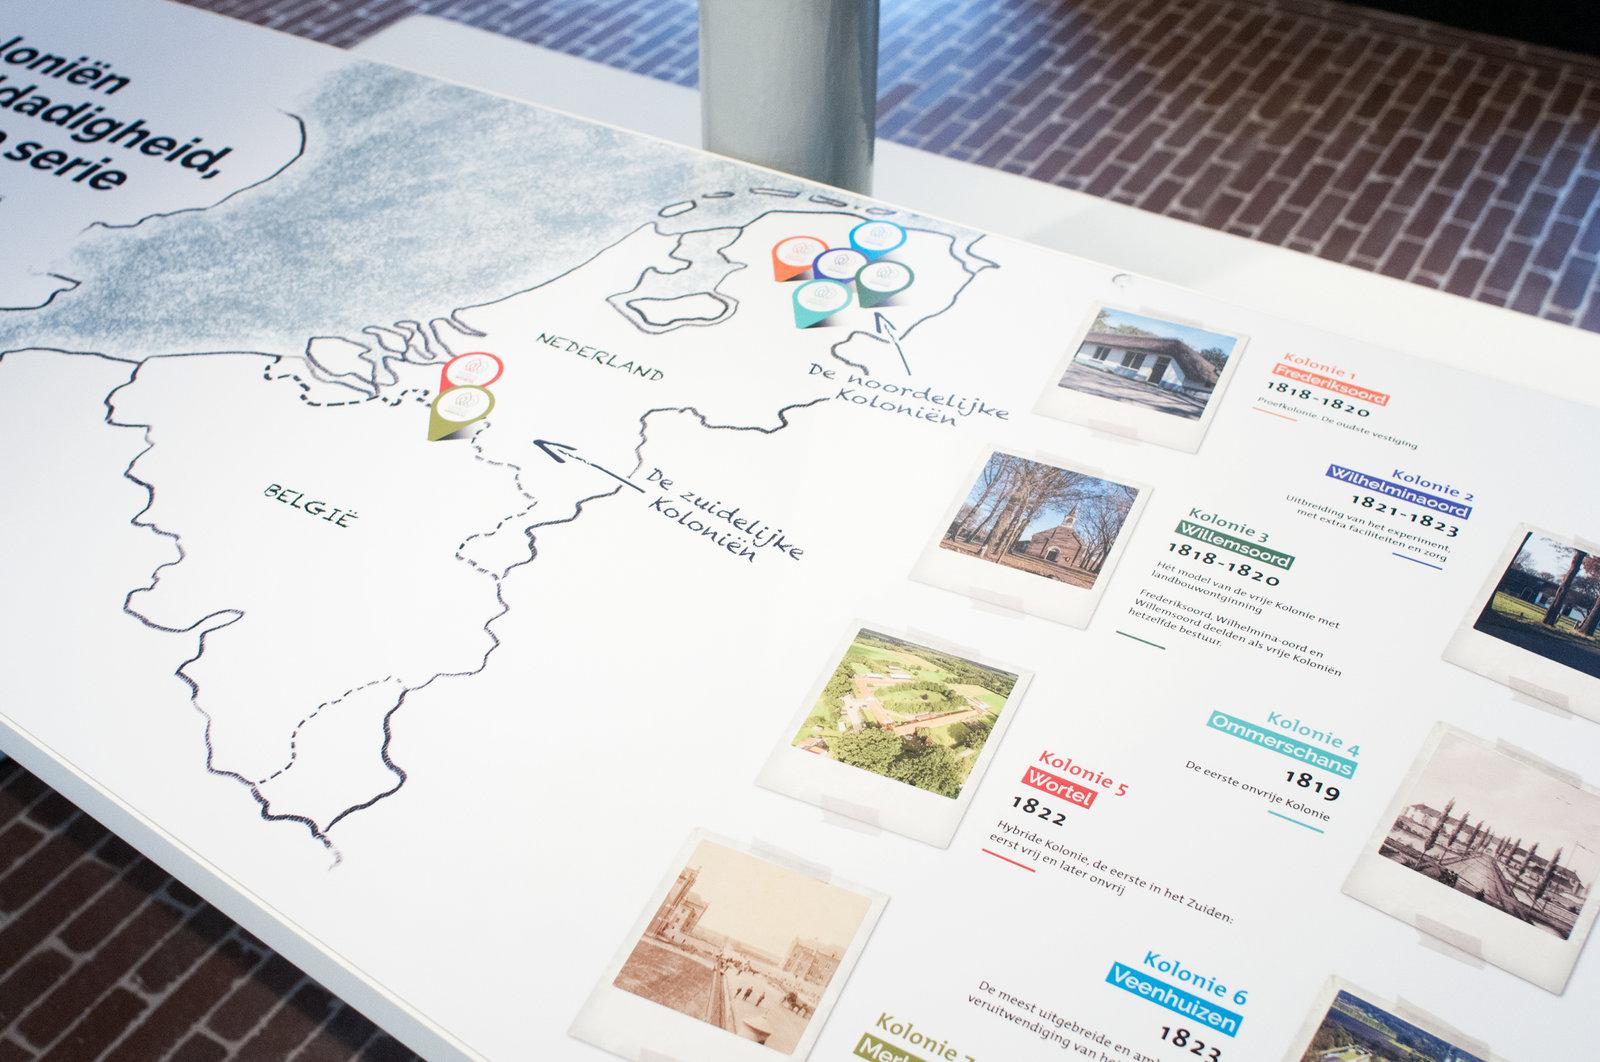 Merksplas kolonie - kaart